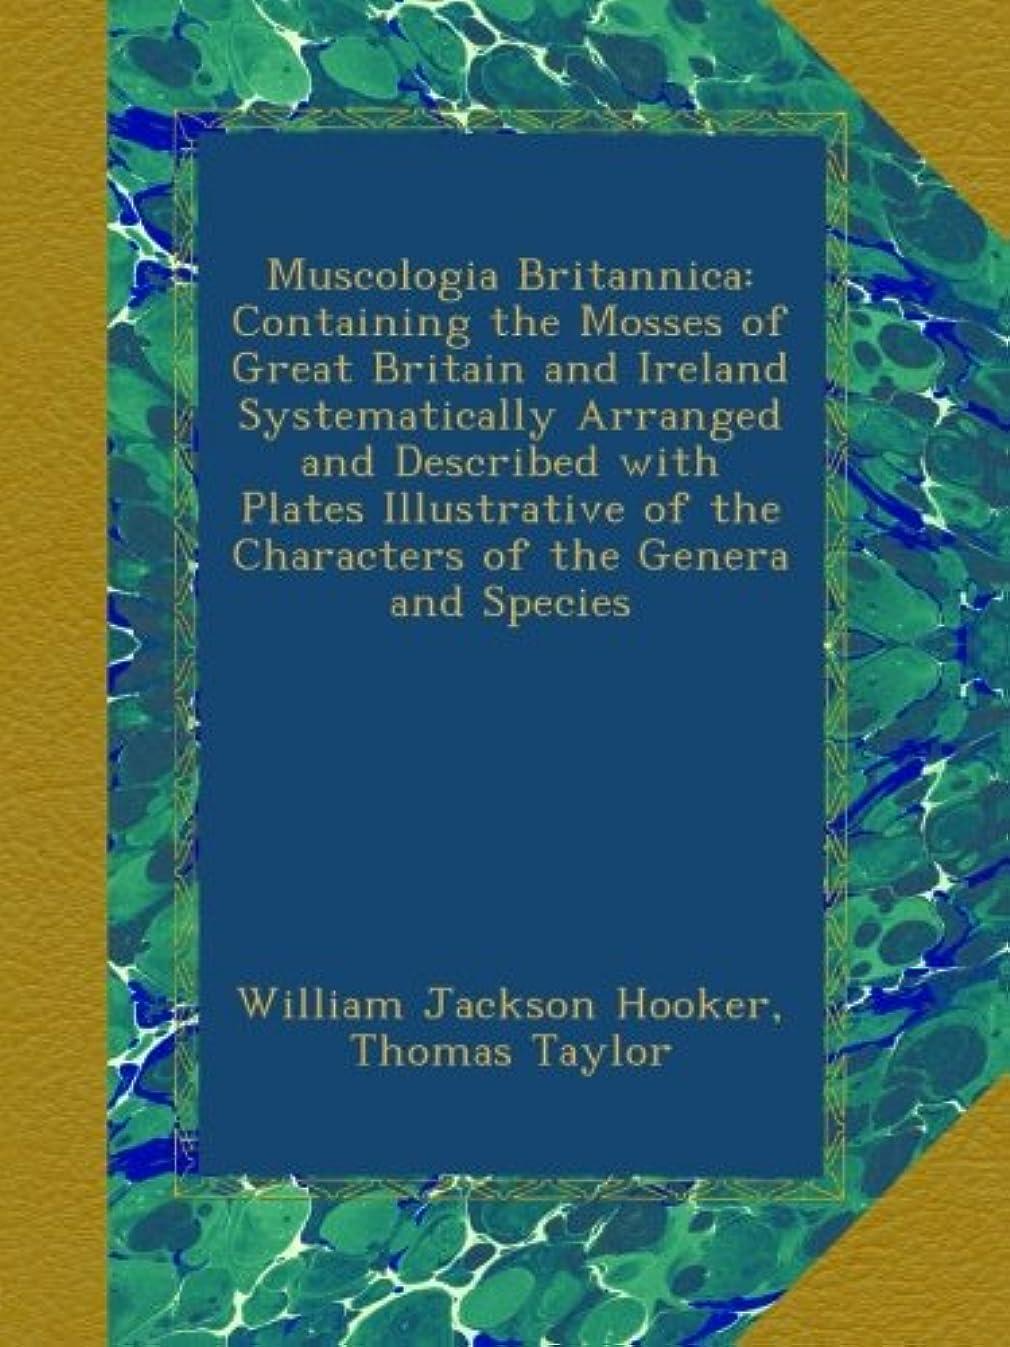 ペアトレーニング振り向くMuscologia Britannica: Containing the Mosses of Great Britain and Ireland Systematically Arranged and Described with Plates Illustrative of the Characters of the Genera and Species